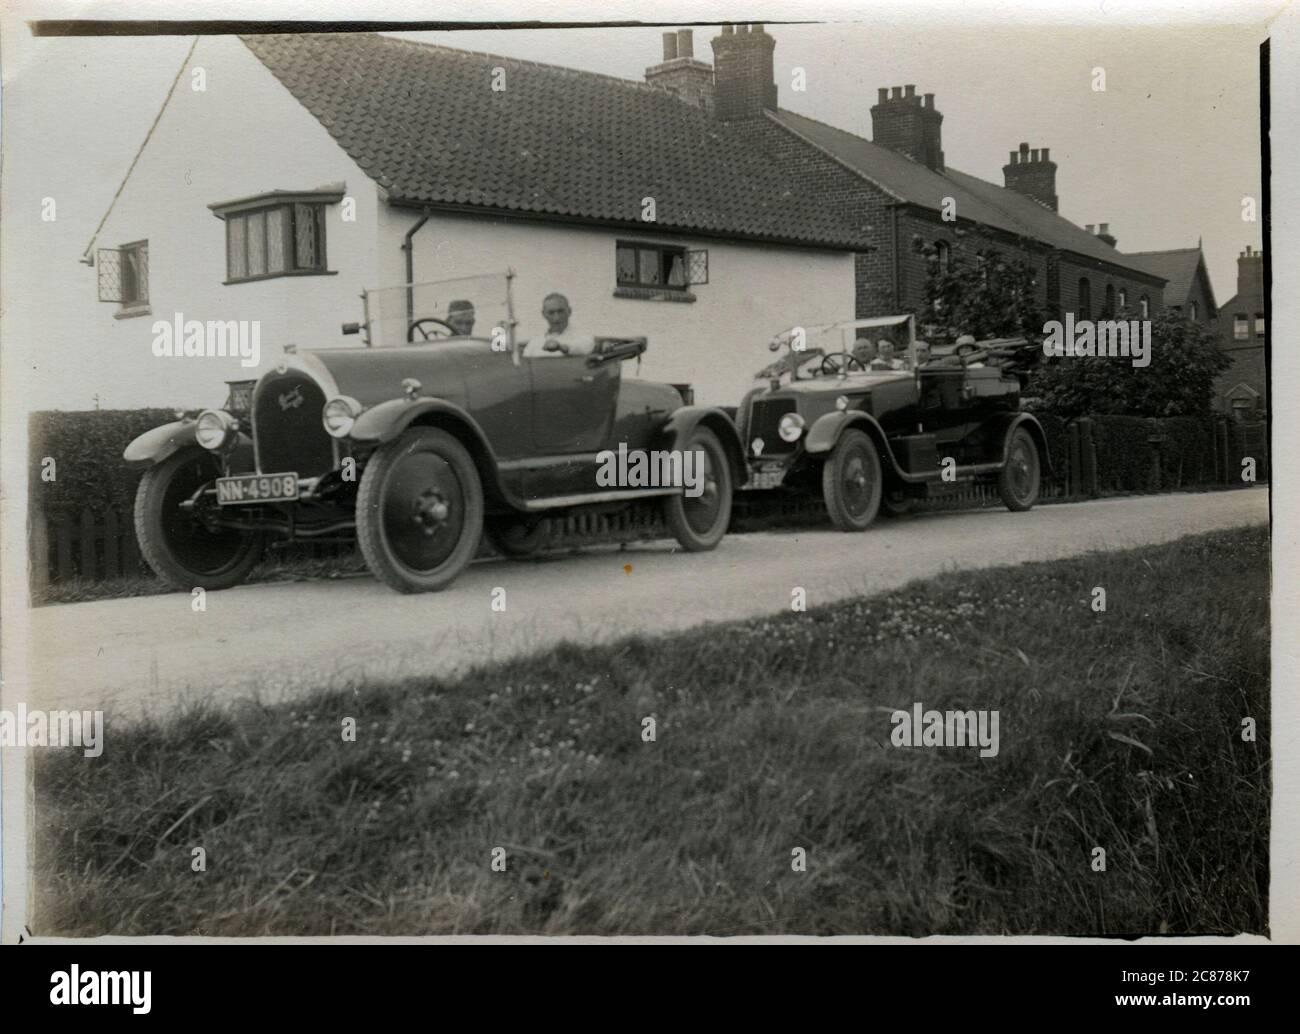 Overland Country Club Vintage car, éventuellement à Nottingham, dans le Nottinghamshire, en Angleterre. Banque D'Images